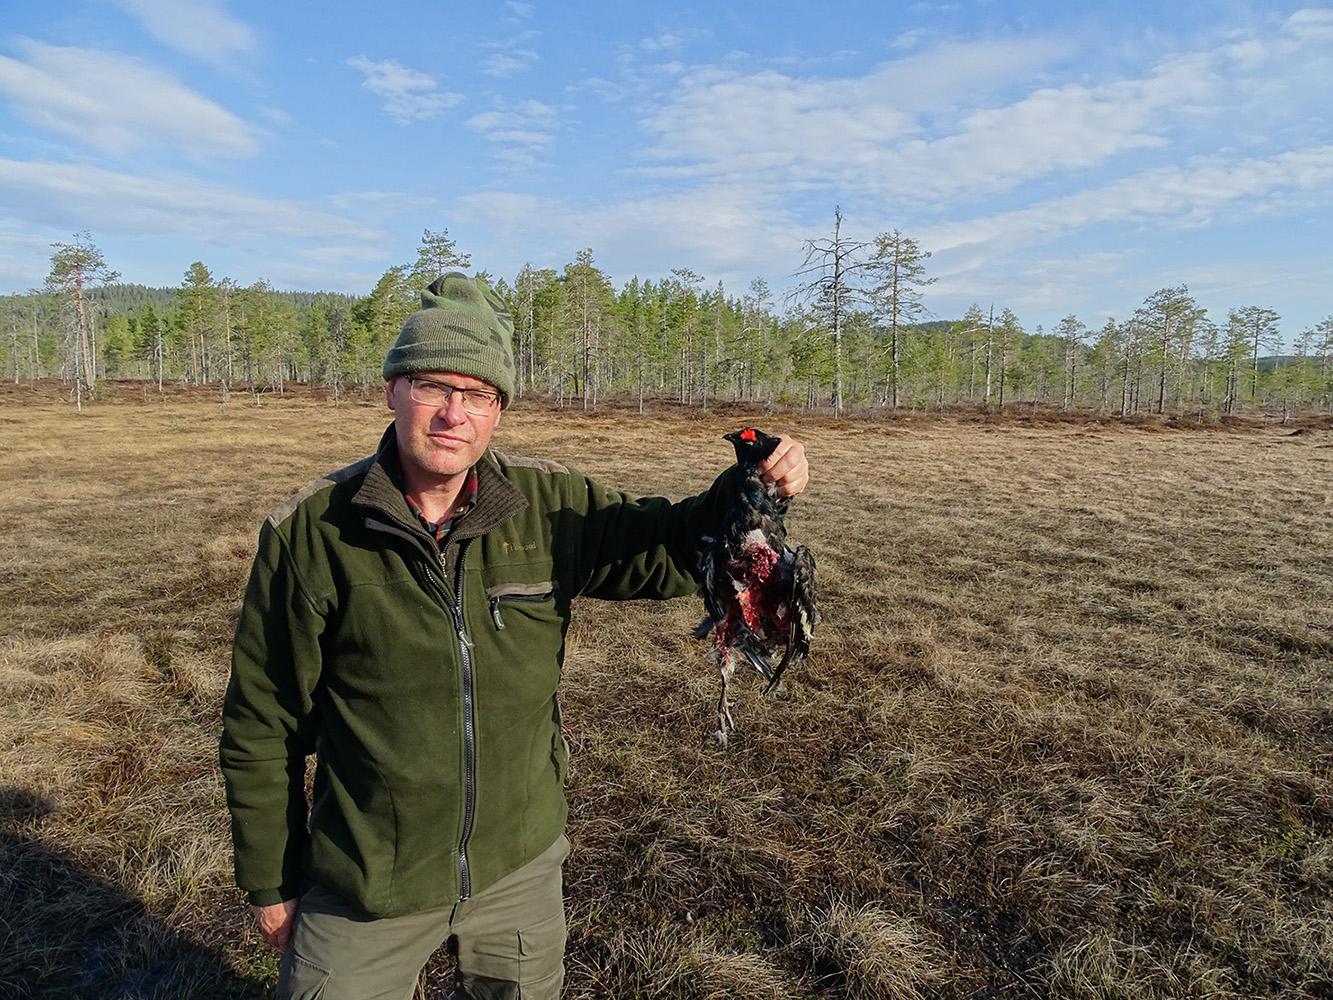 De korhaan die geslagen was door een havik op de baltsplaats - Foto: ©Leo Verschoor